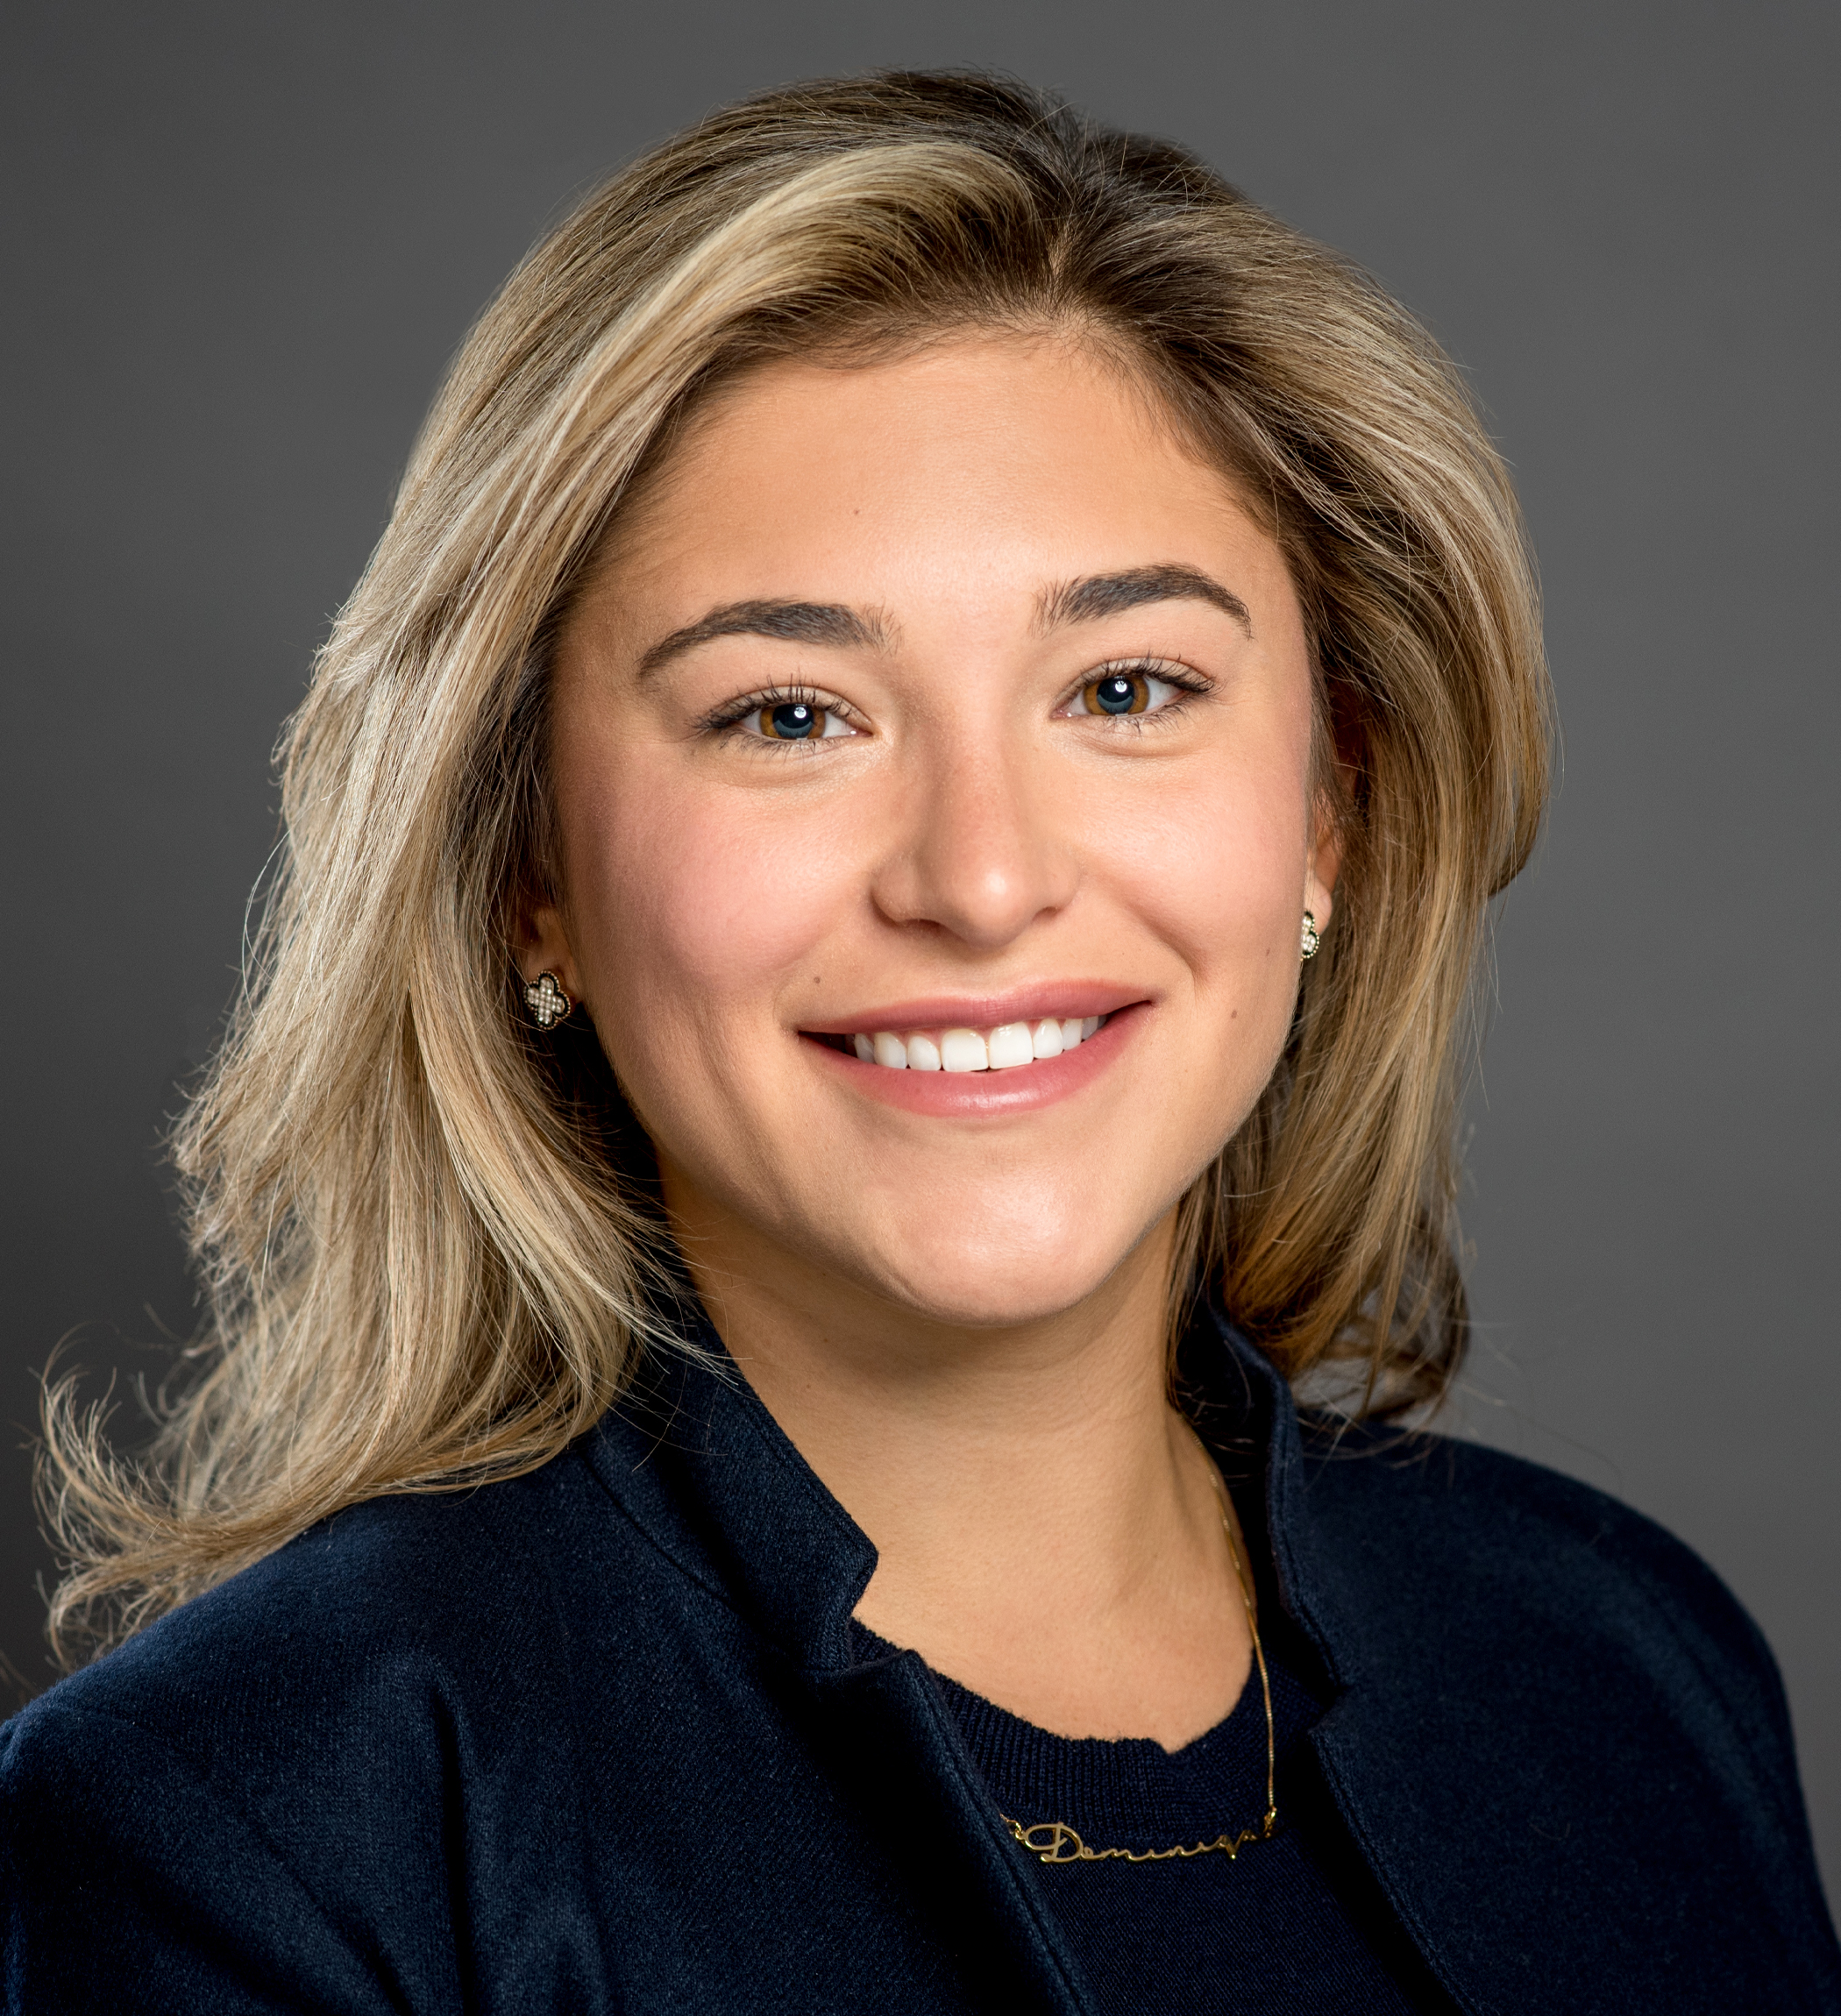 Dominique Mortelliti Headshot | Dakota Investments